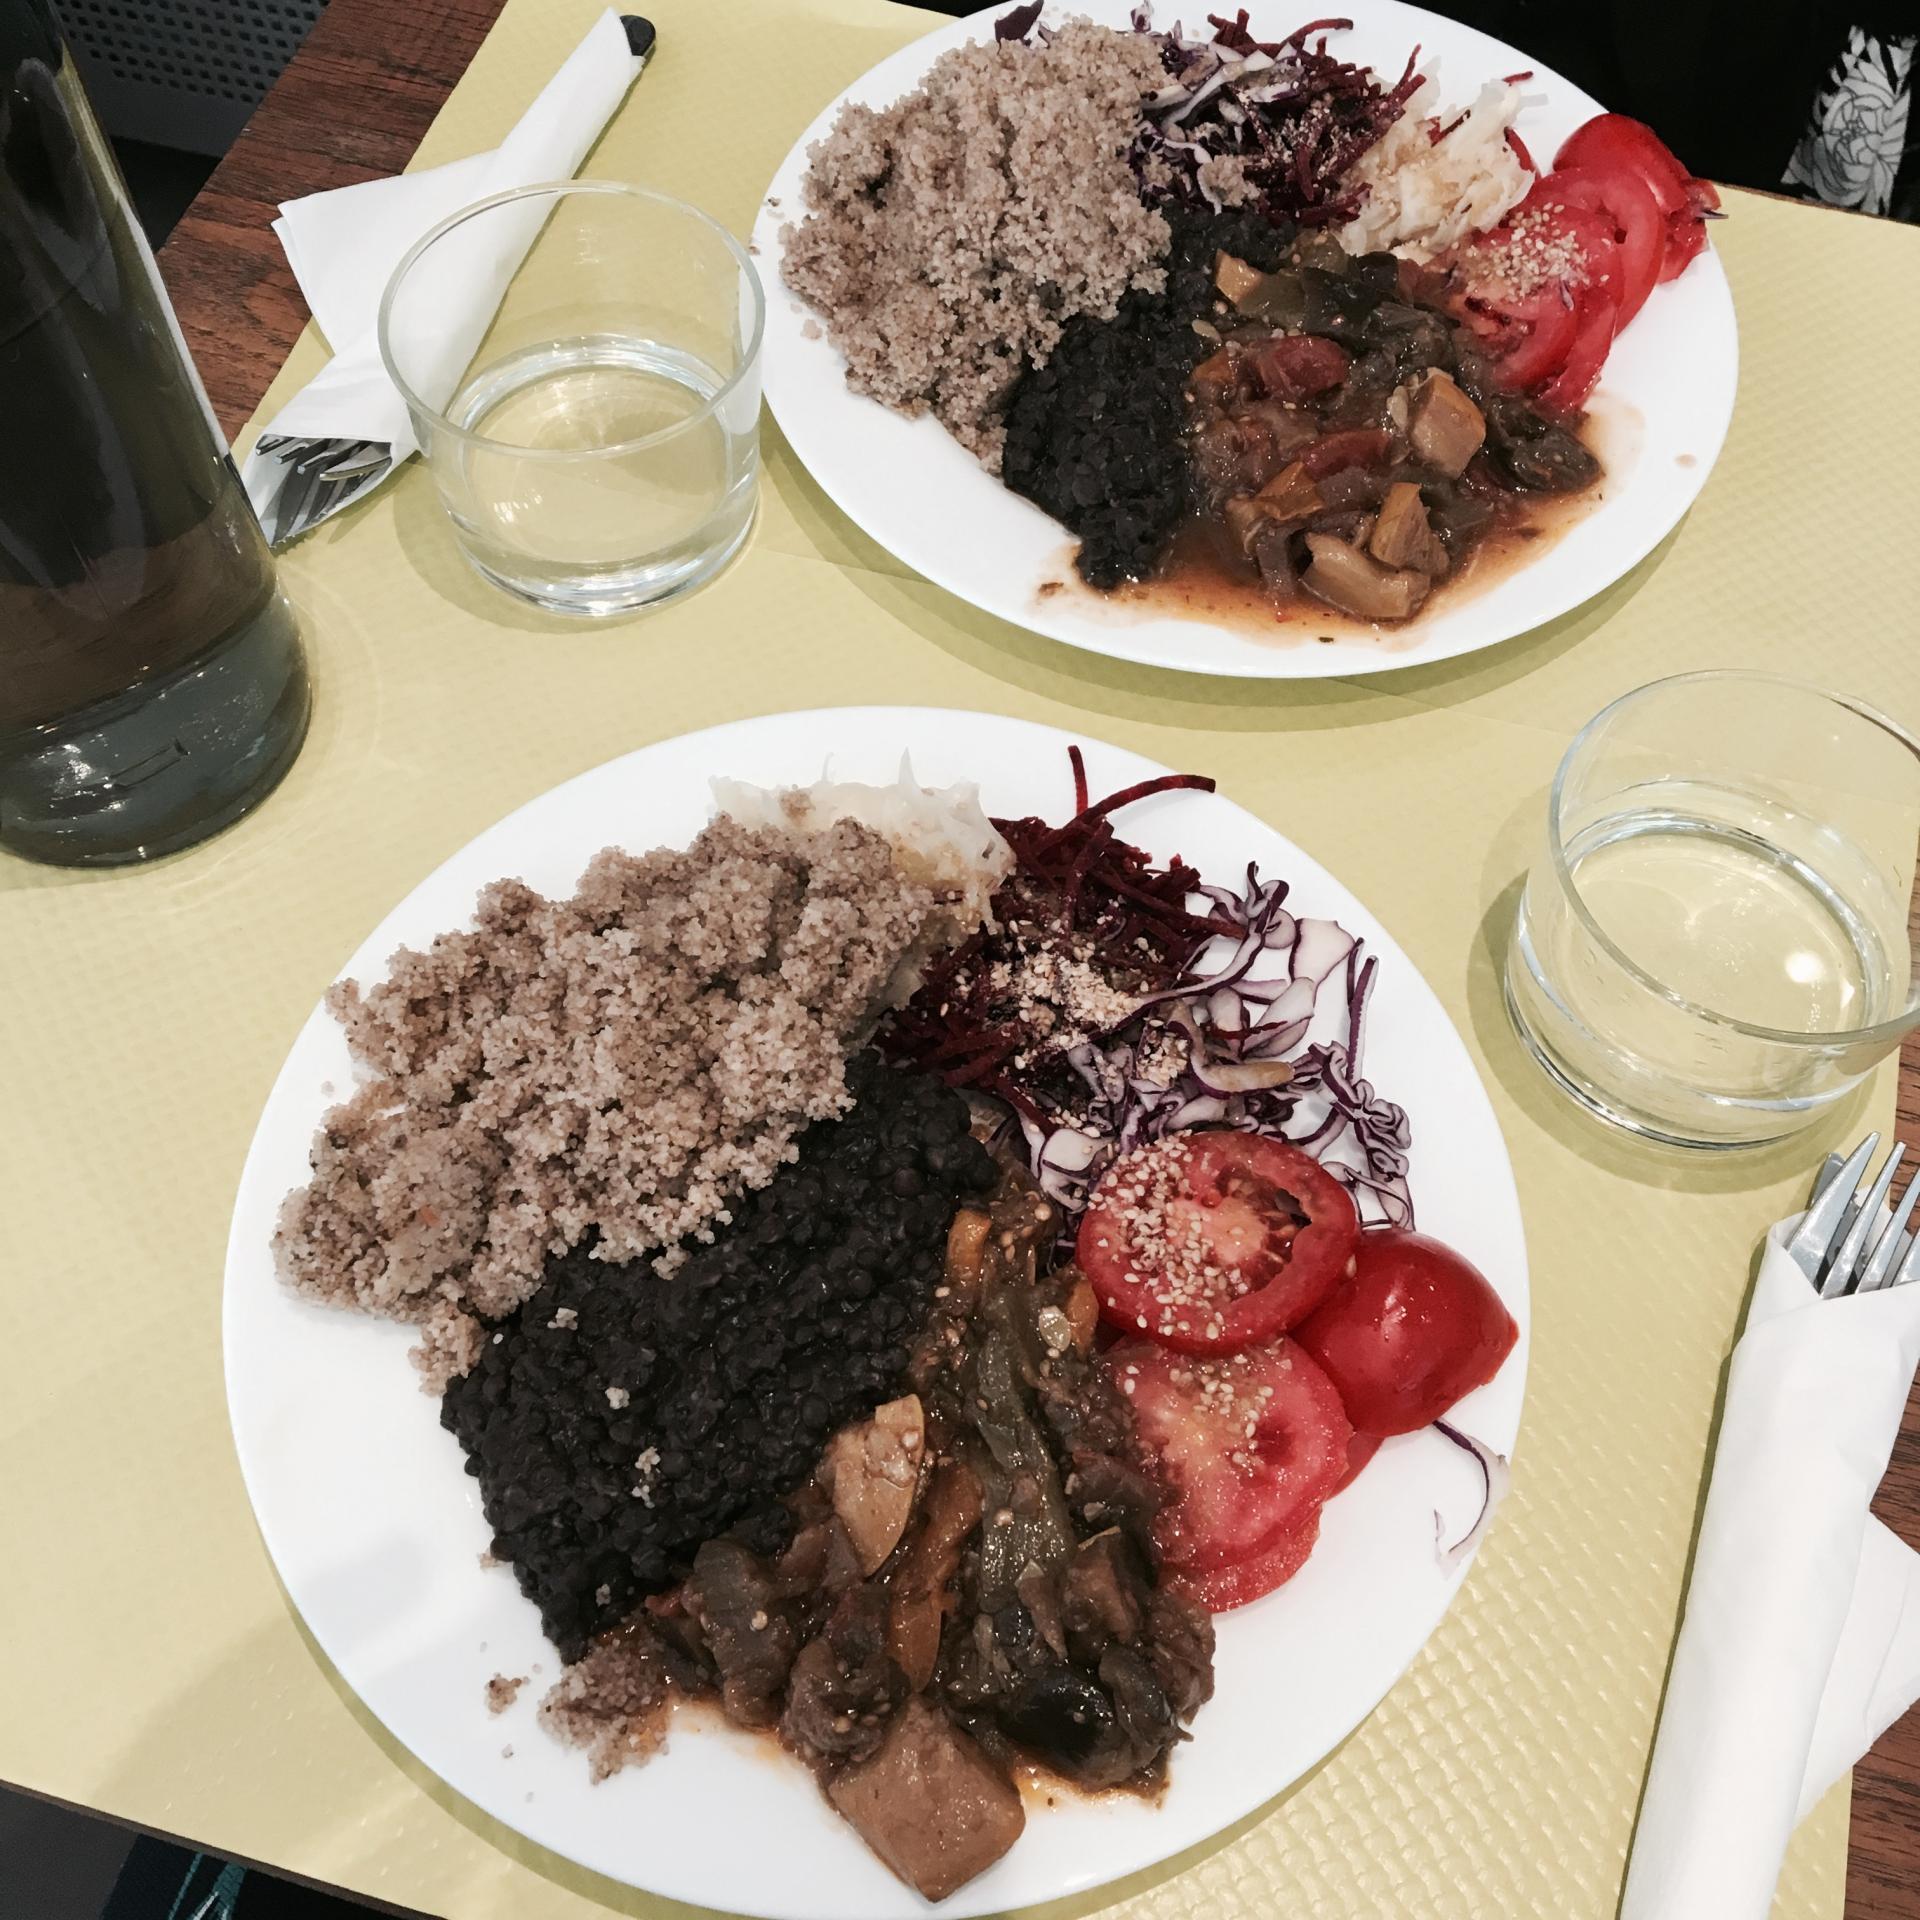 Resto healthy à Paris : 7 adresses pour manger bio et sans gluten